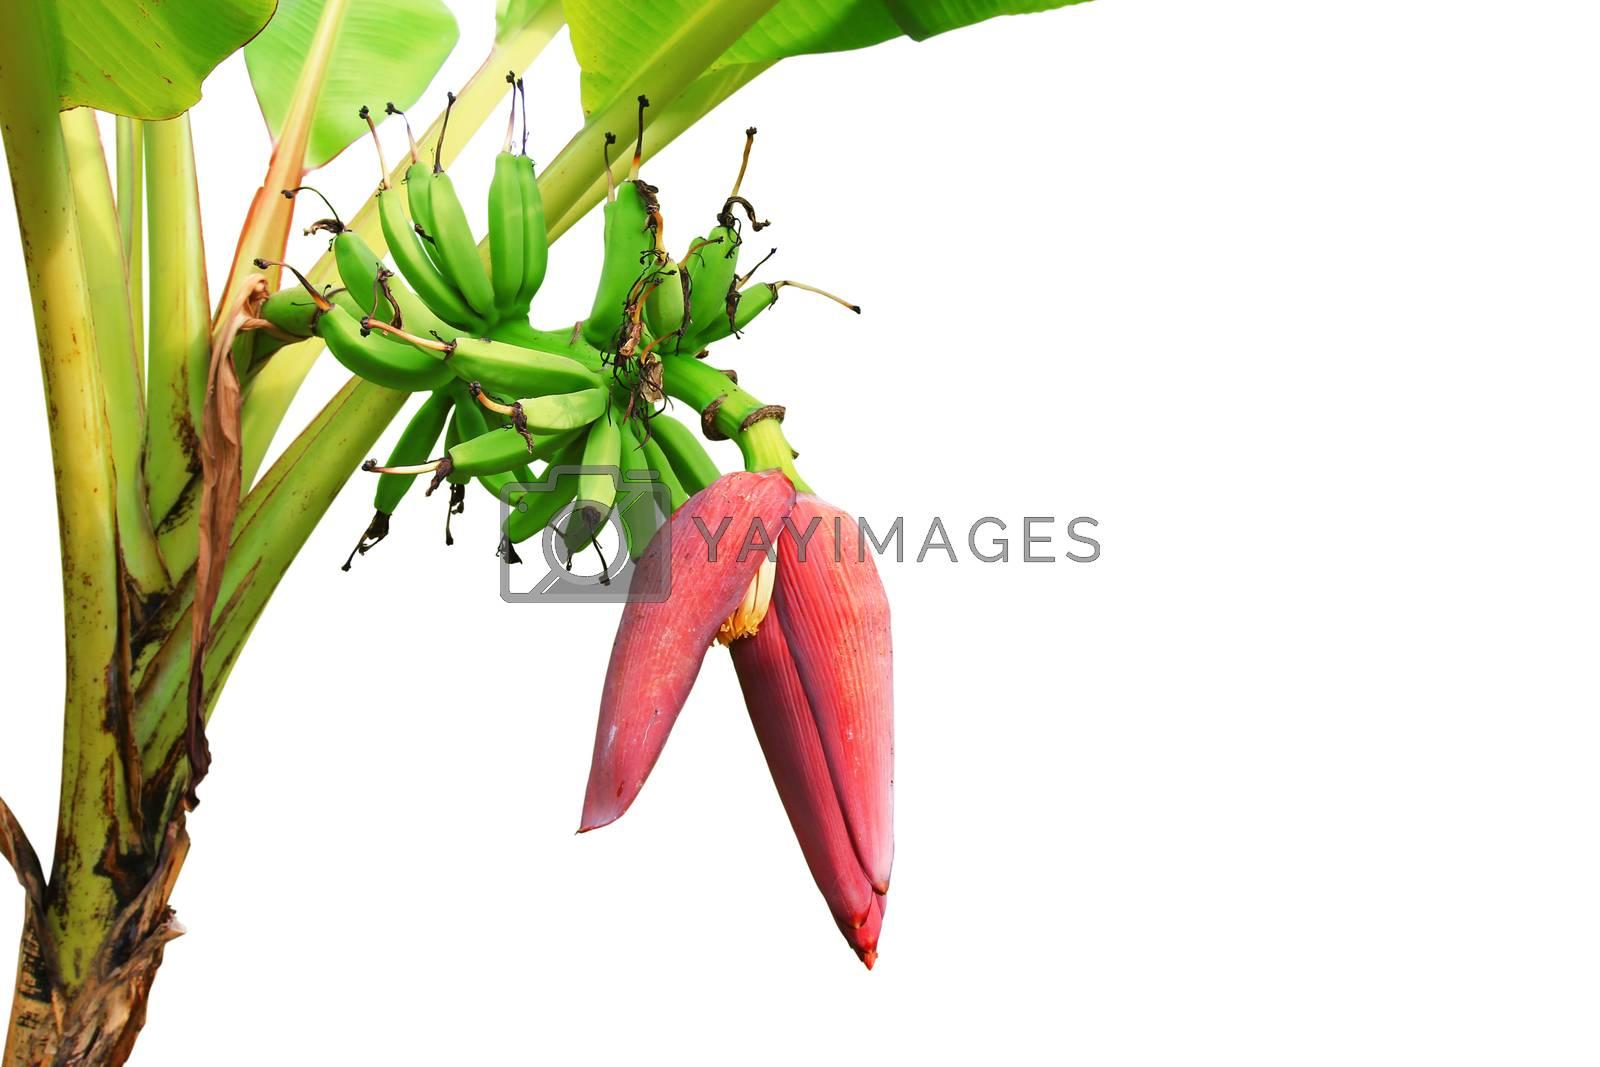 blossom of the banana tree